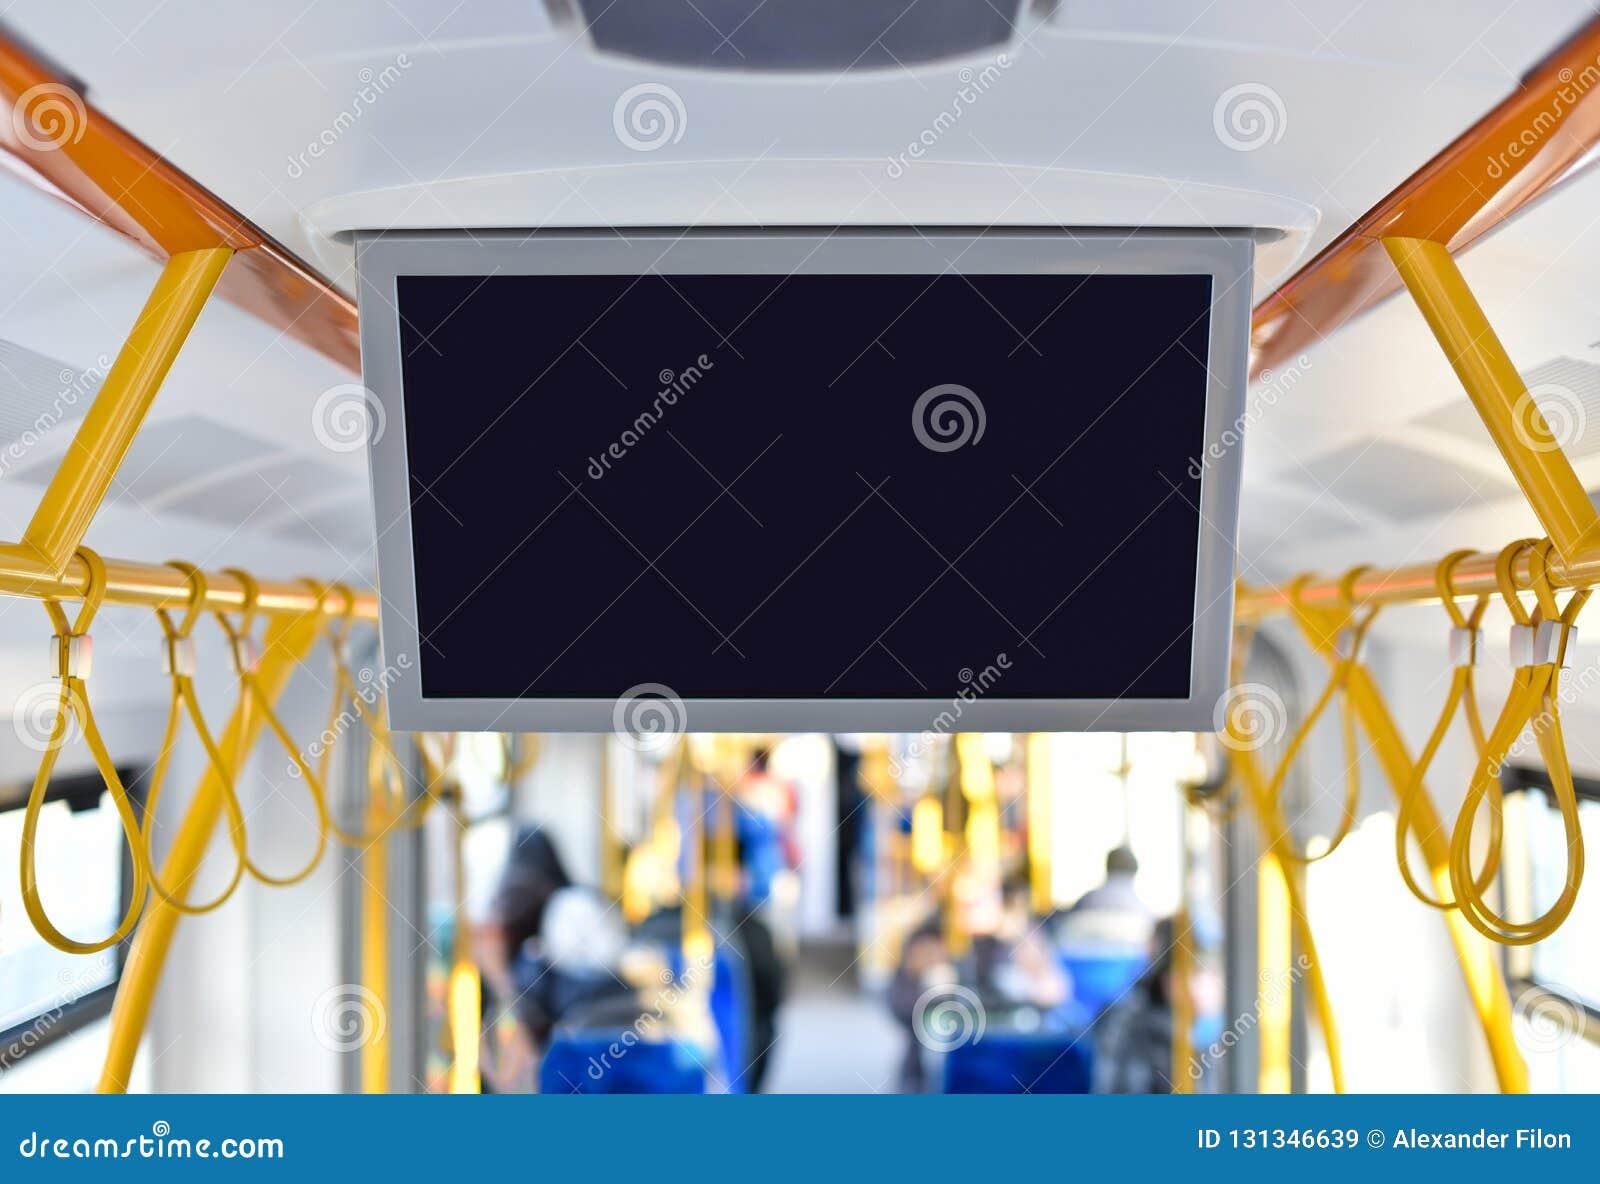 Moniteur de TV de la publicité intérieure dans le transport en commun de ville